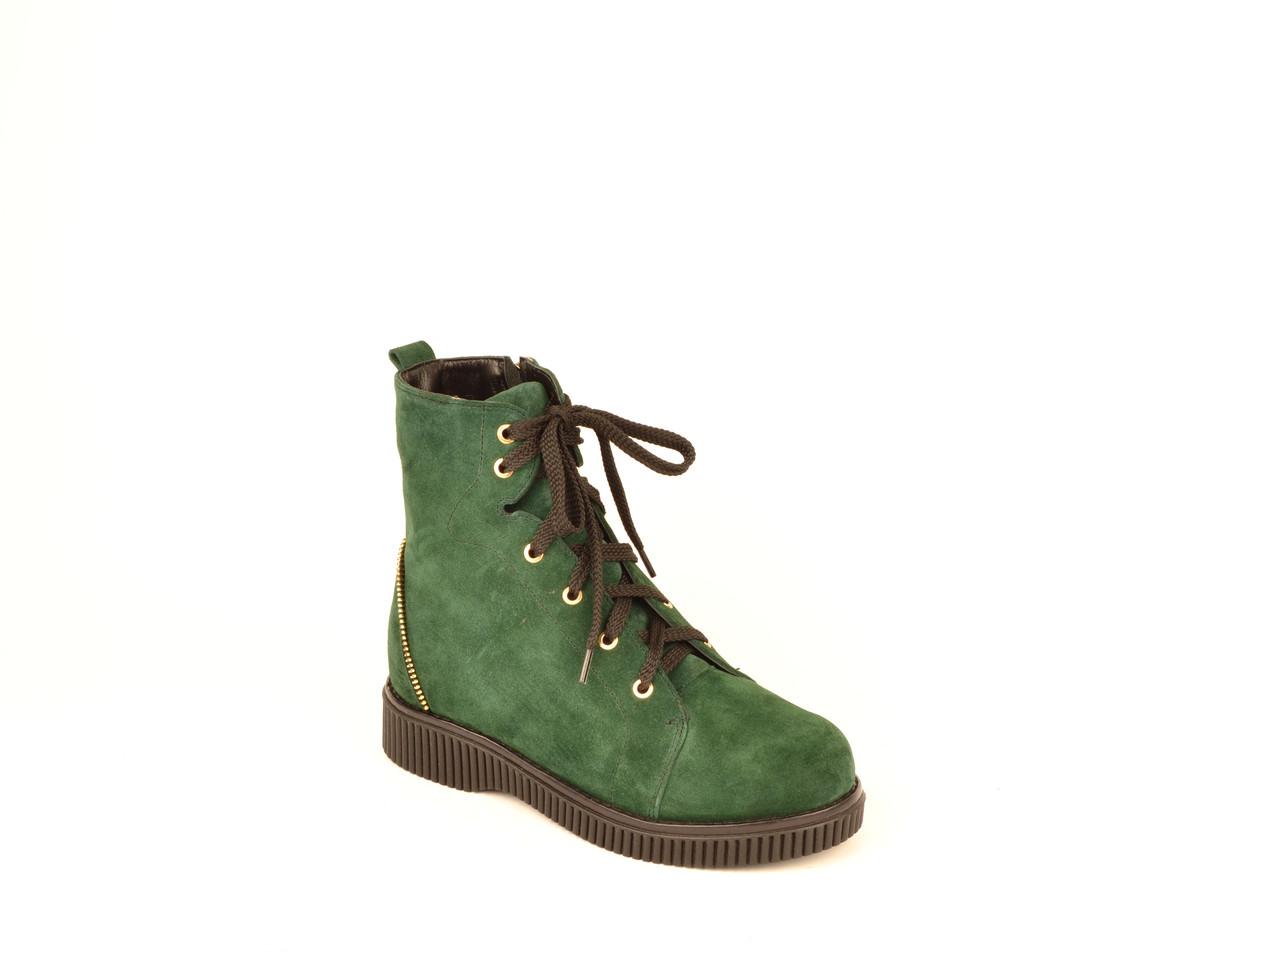 Черевики жіночі без каблука натуральна замша зелений зимові і демісезонні від виробника KARMEN 153006